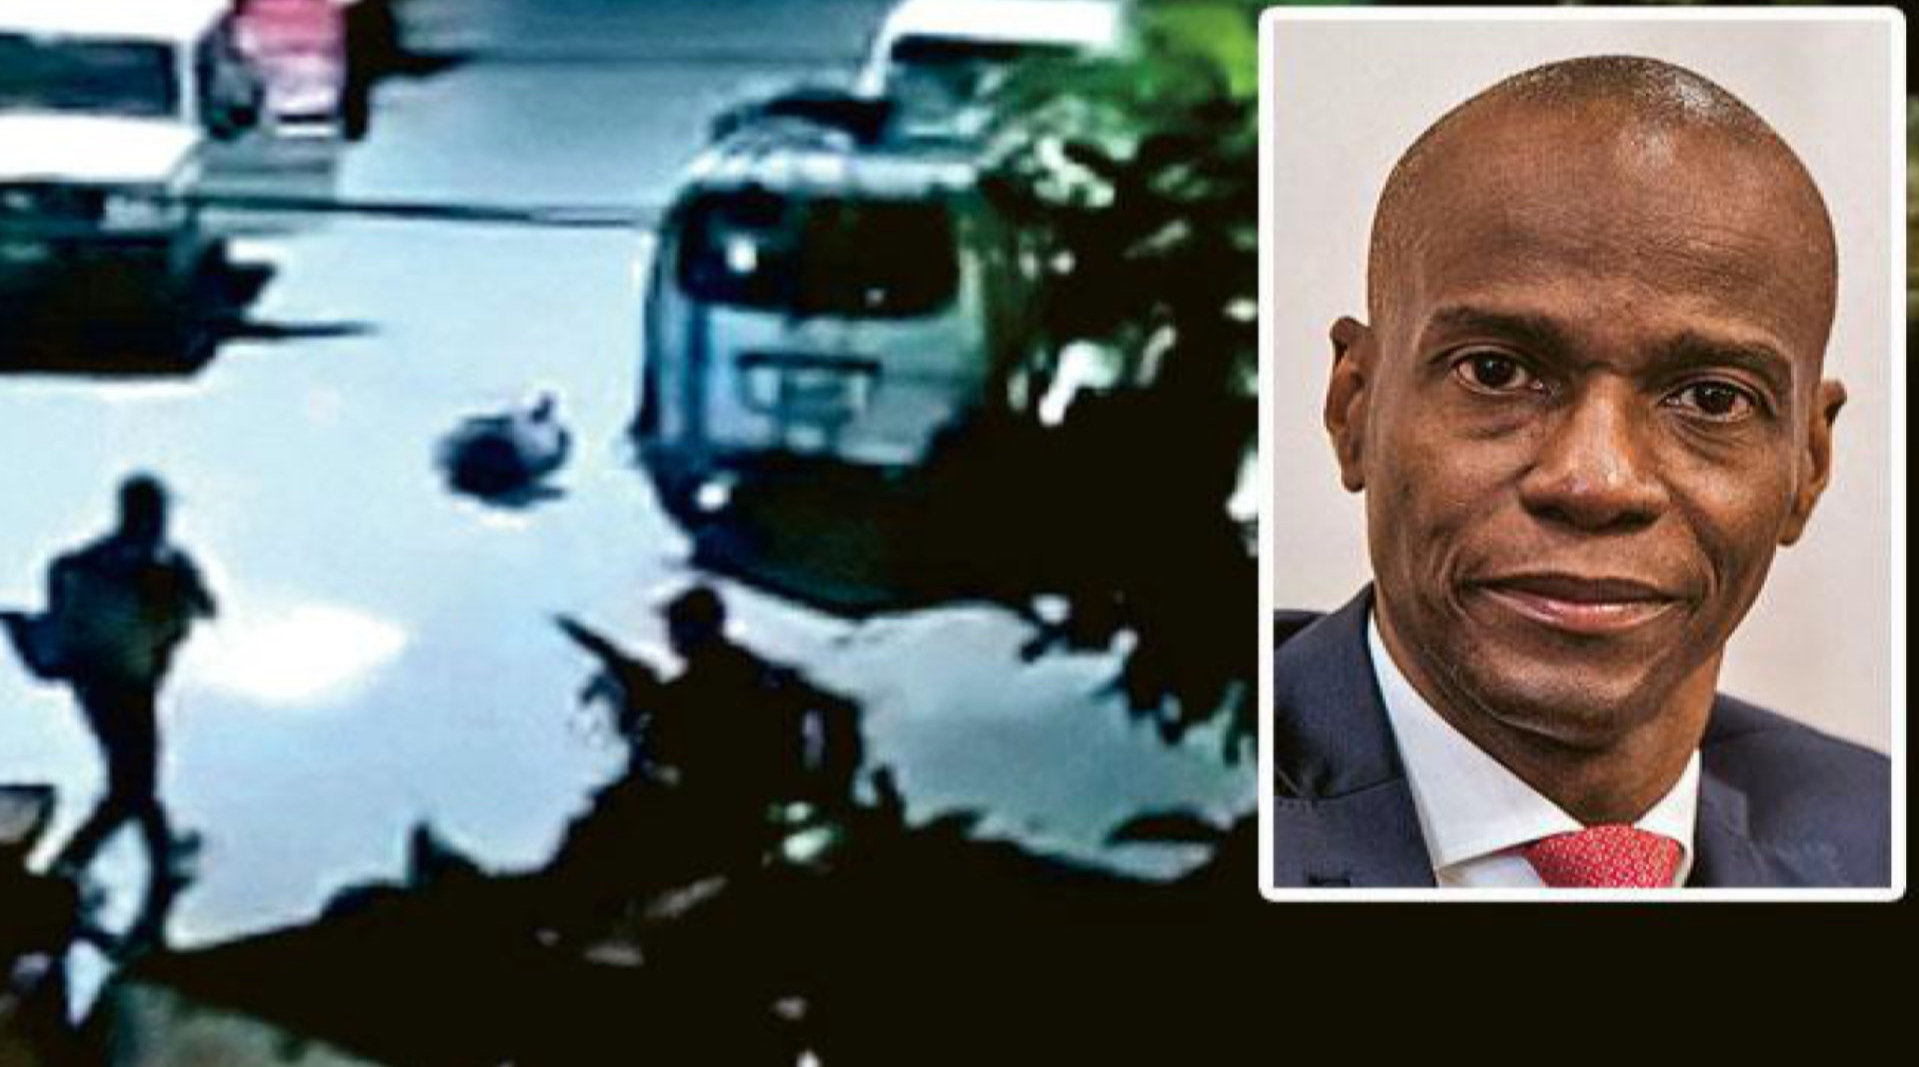 海地總統遇刺身亡 多名嫌疑人遭擊斃或被拘留